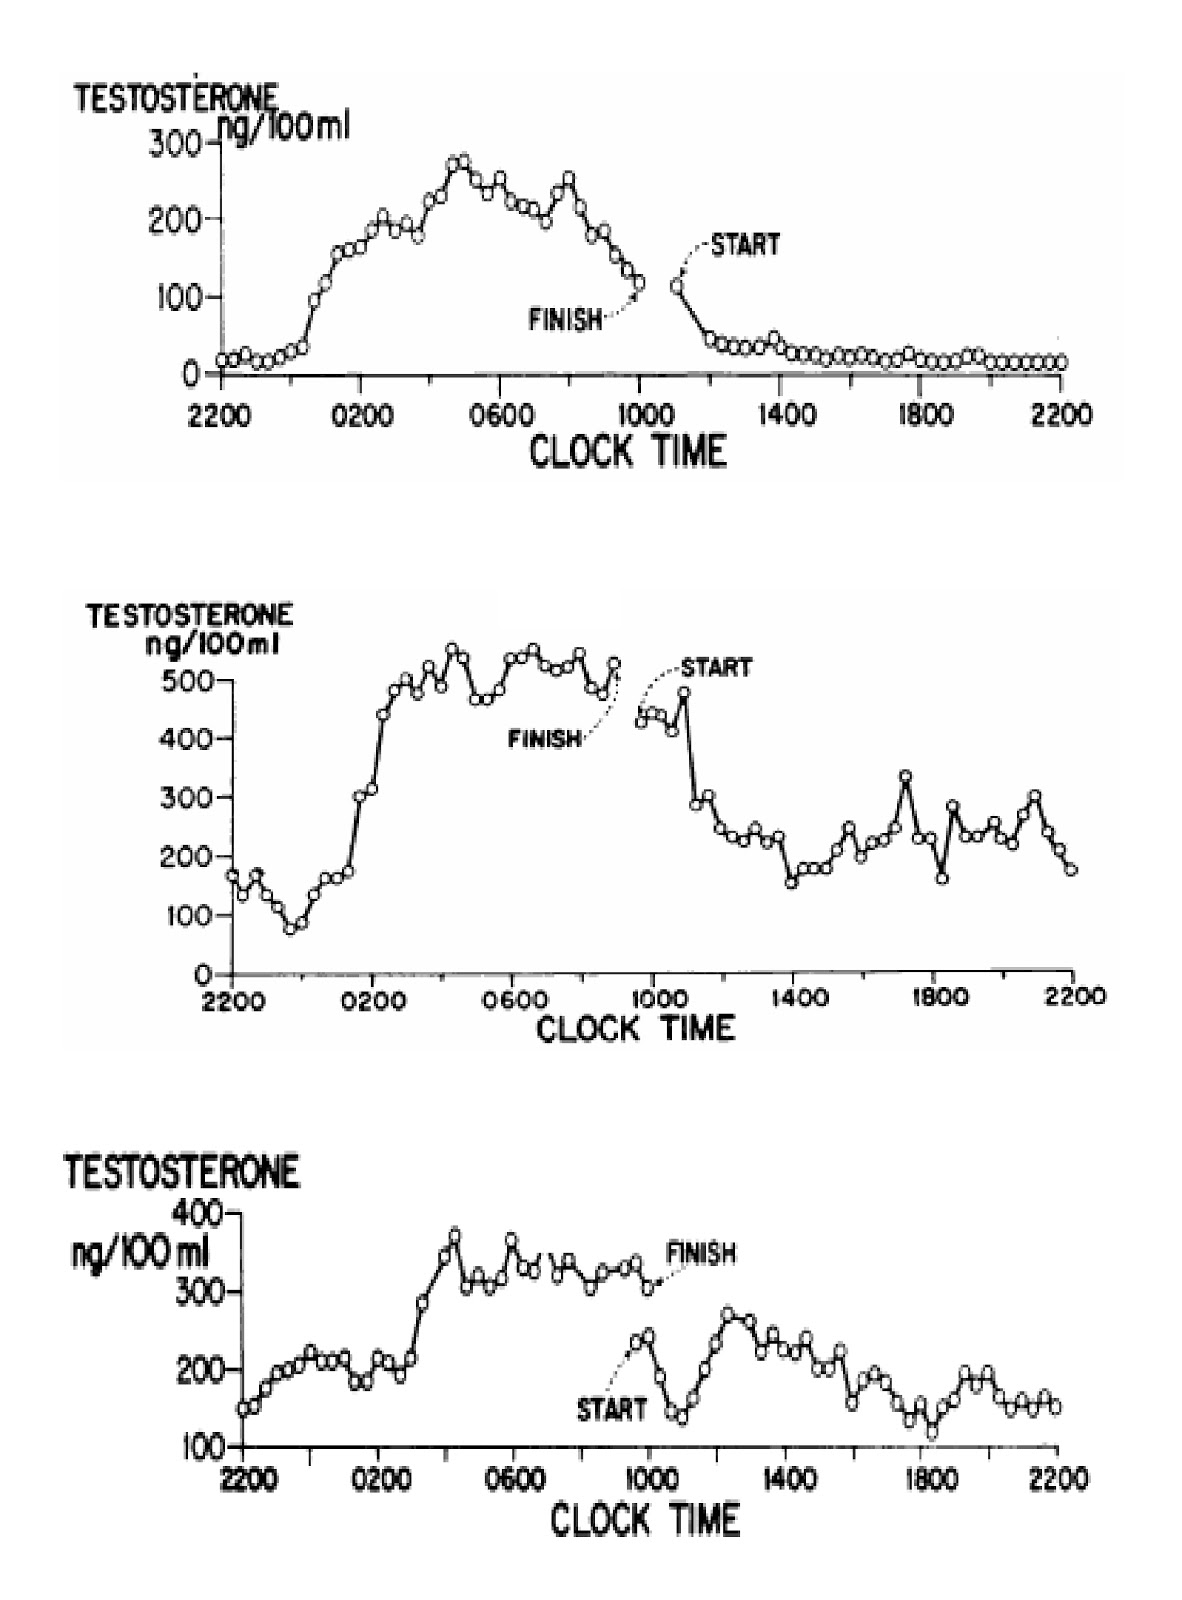 Concentración de testosterona en sangre en adolescentes durante el día